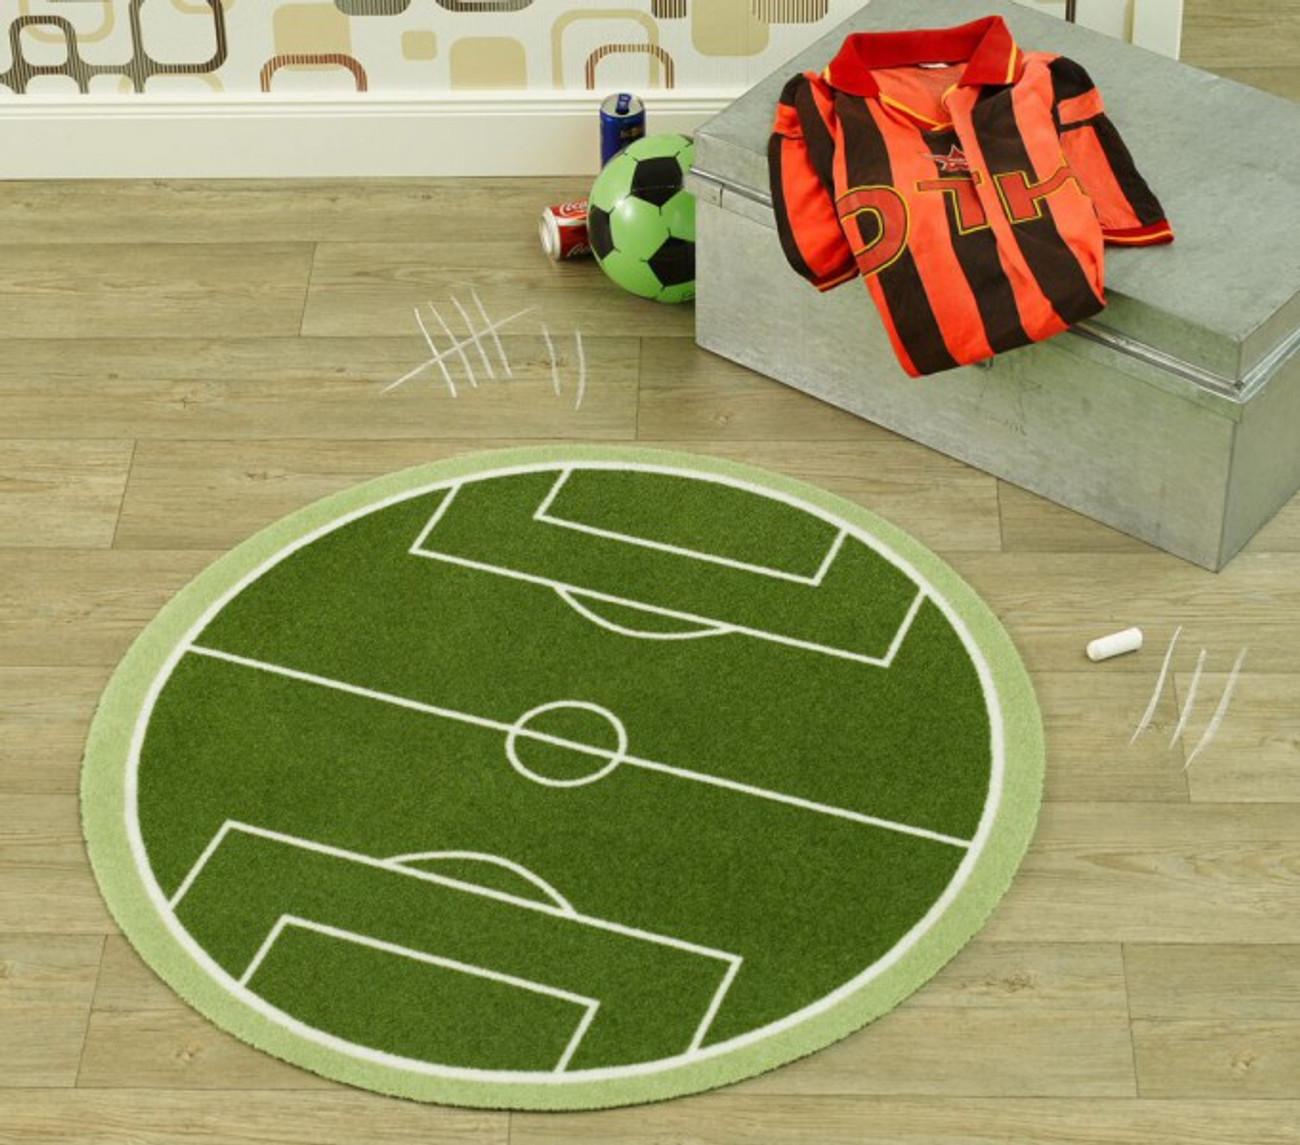 Velours Kinder Teppich Fussballfeld grün rund 100 cm | 102301 ...